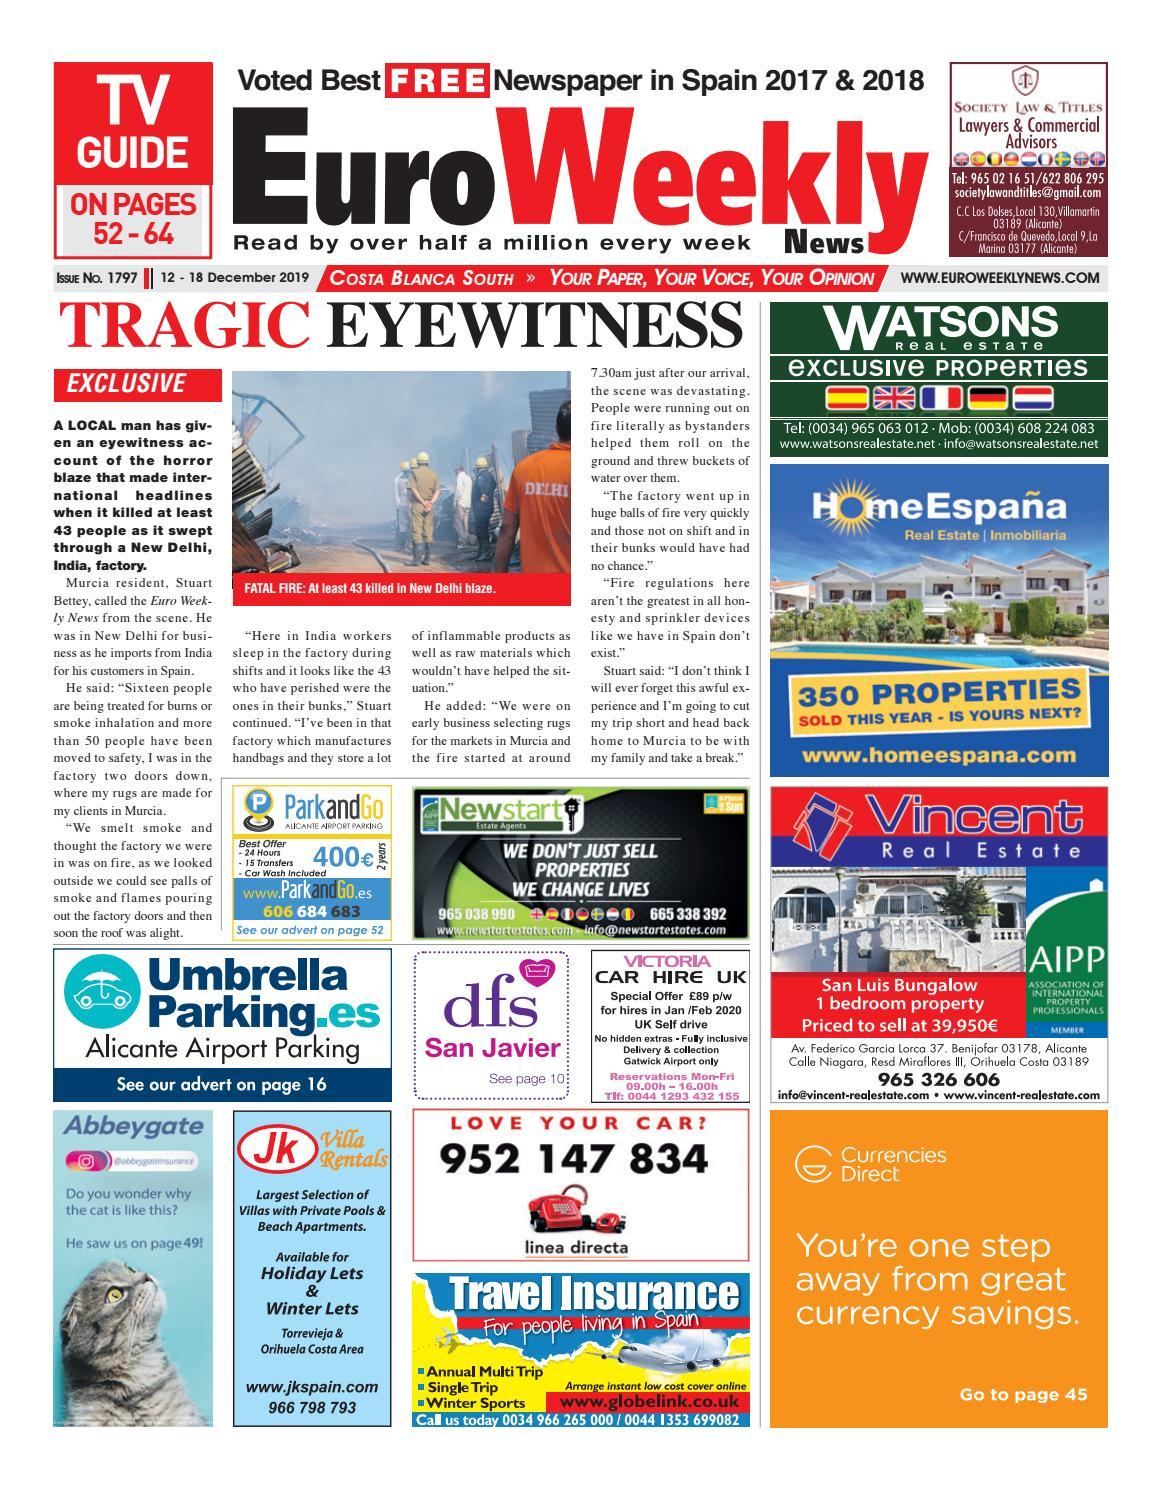 Ama De Casa Seduce euro weekly news - costa blanca south 12 - 18 december 2019